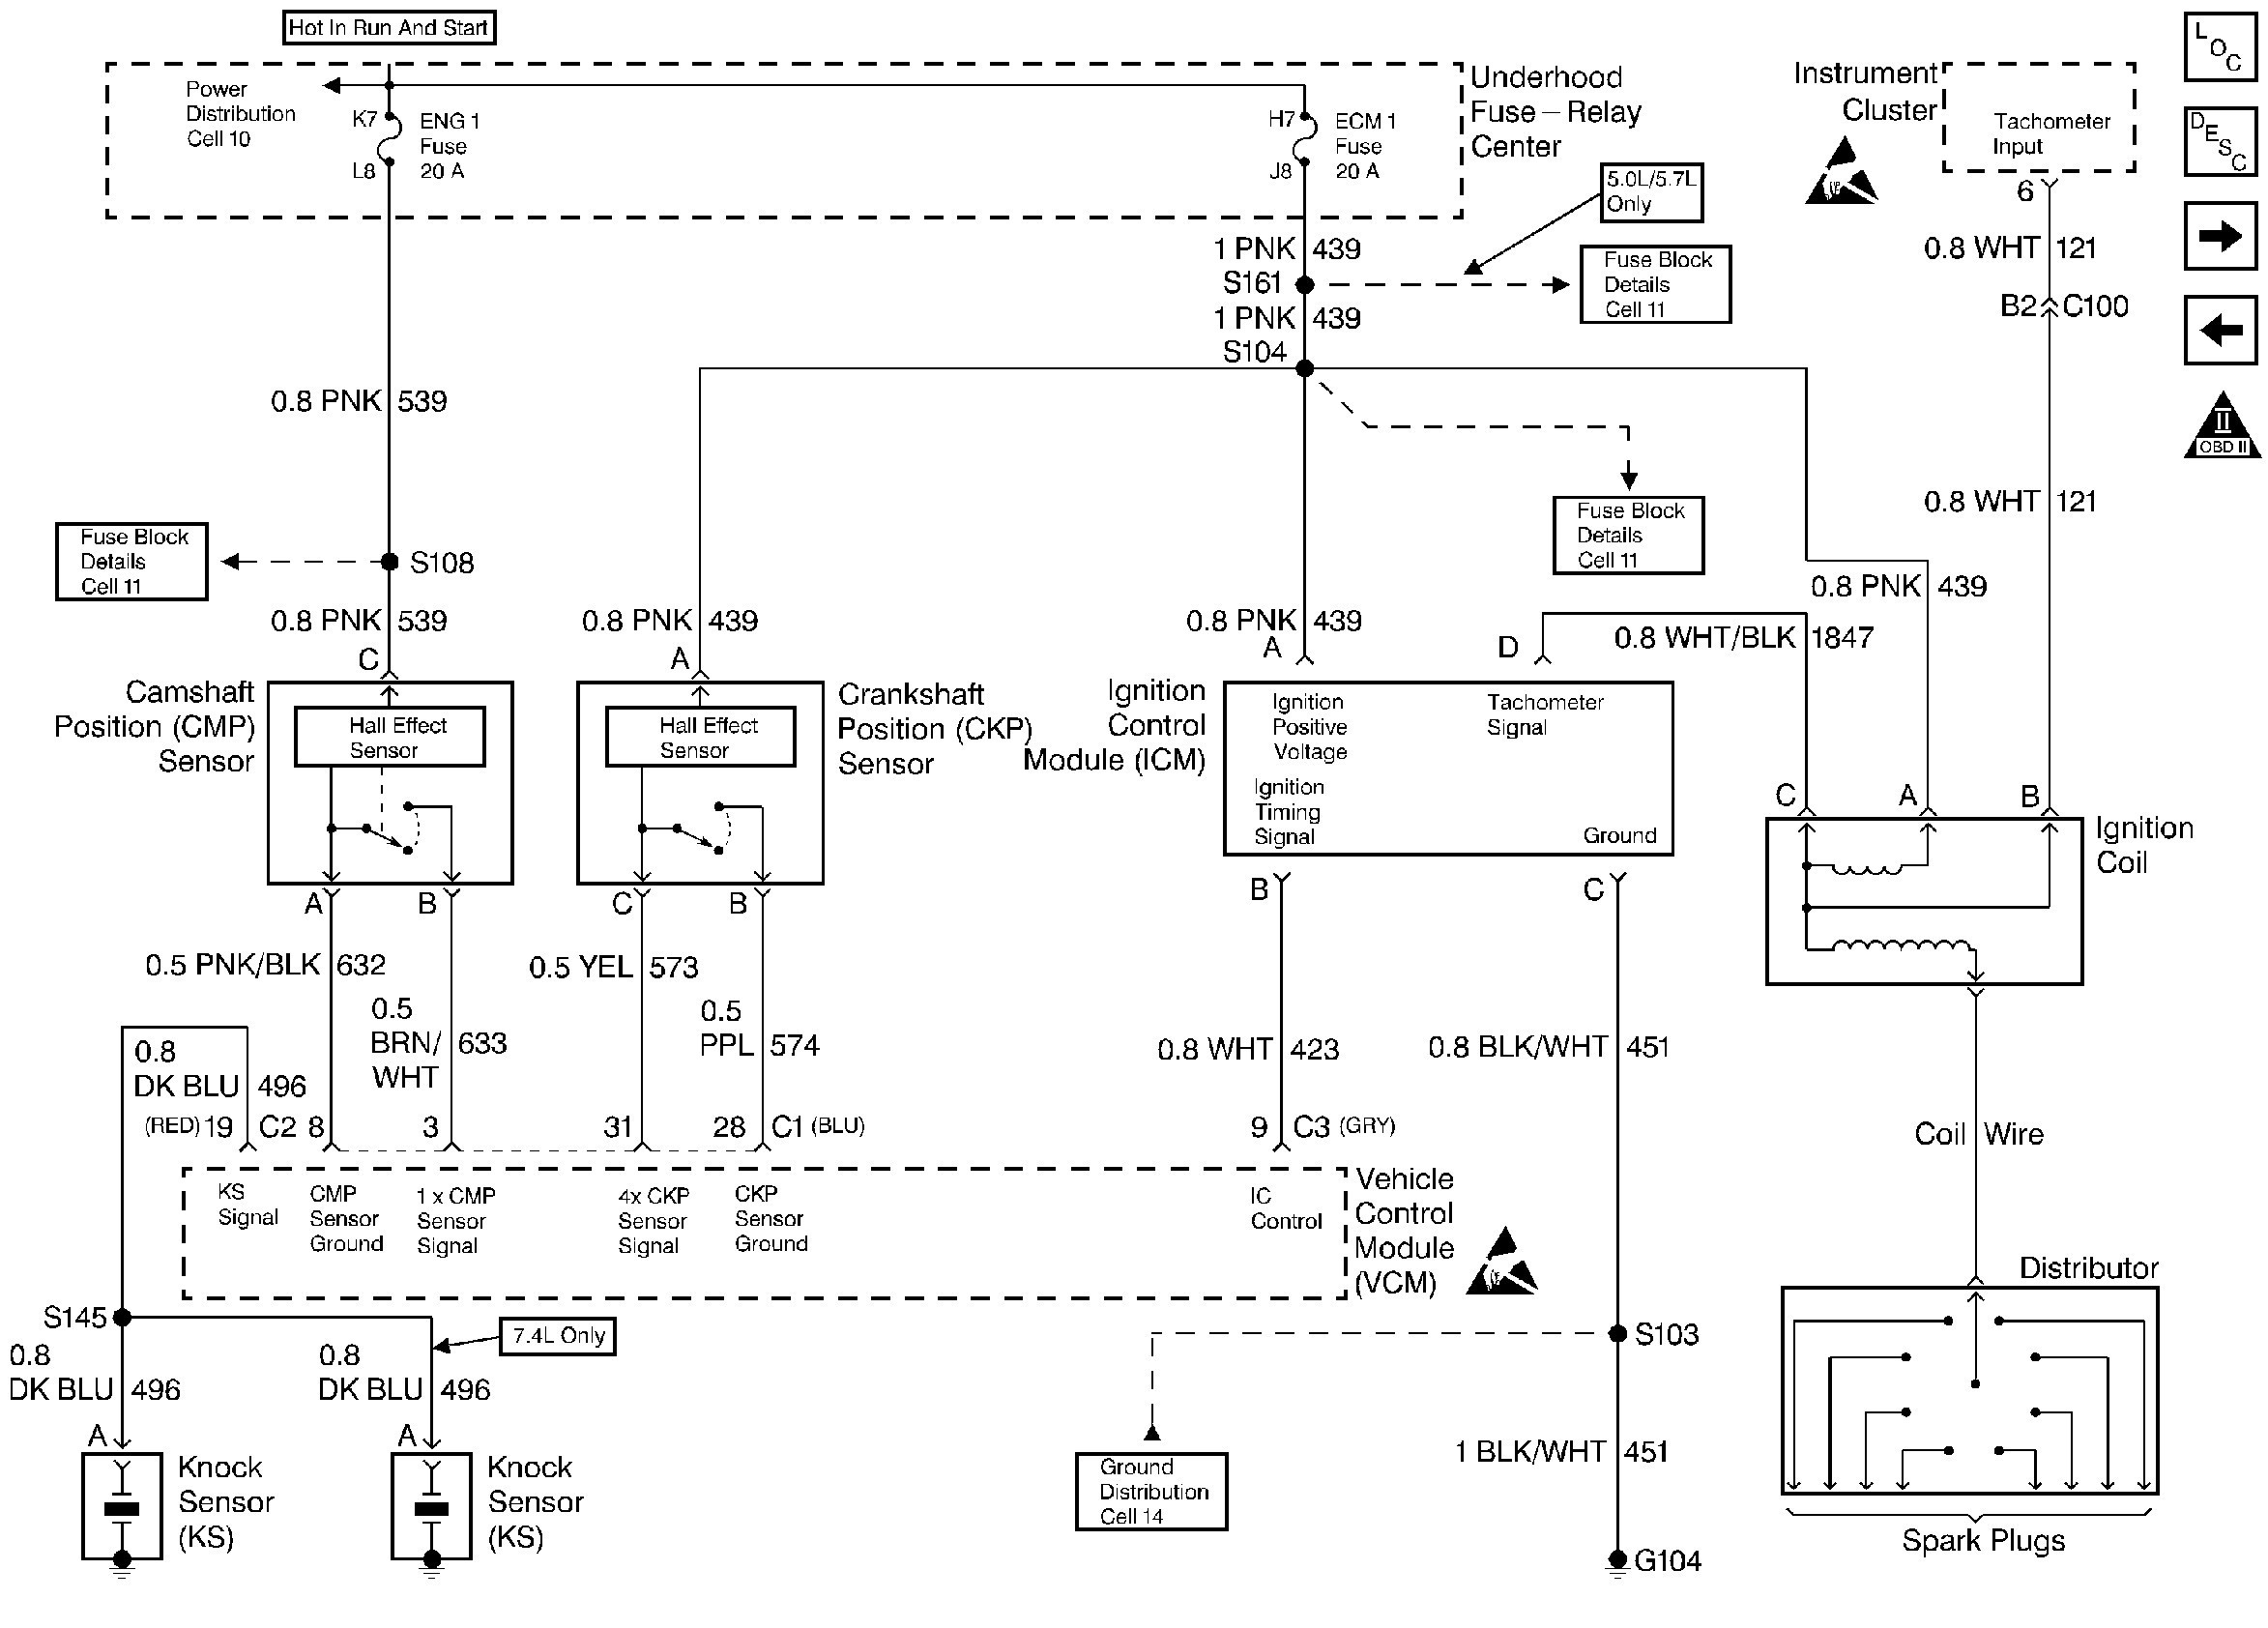 Gmc 5 7 Engine Diagram Wiring Library 1998 Sierra Schematic C7500 Bgmt Data U2022 7500 Dump Truck 2007